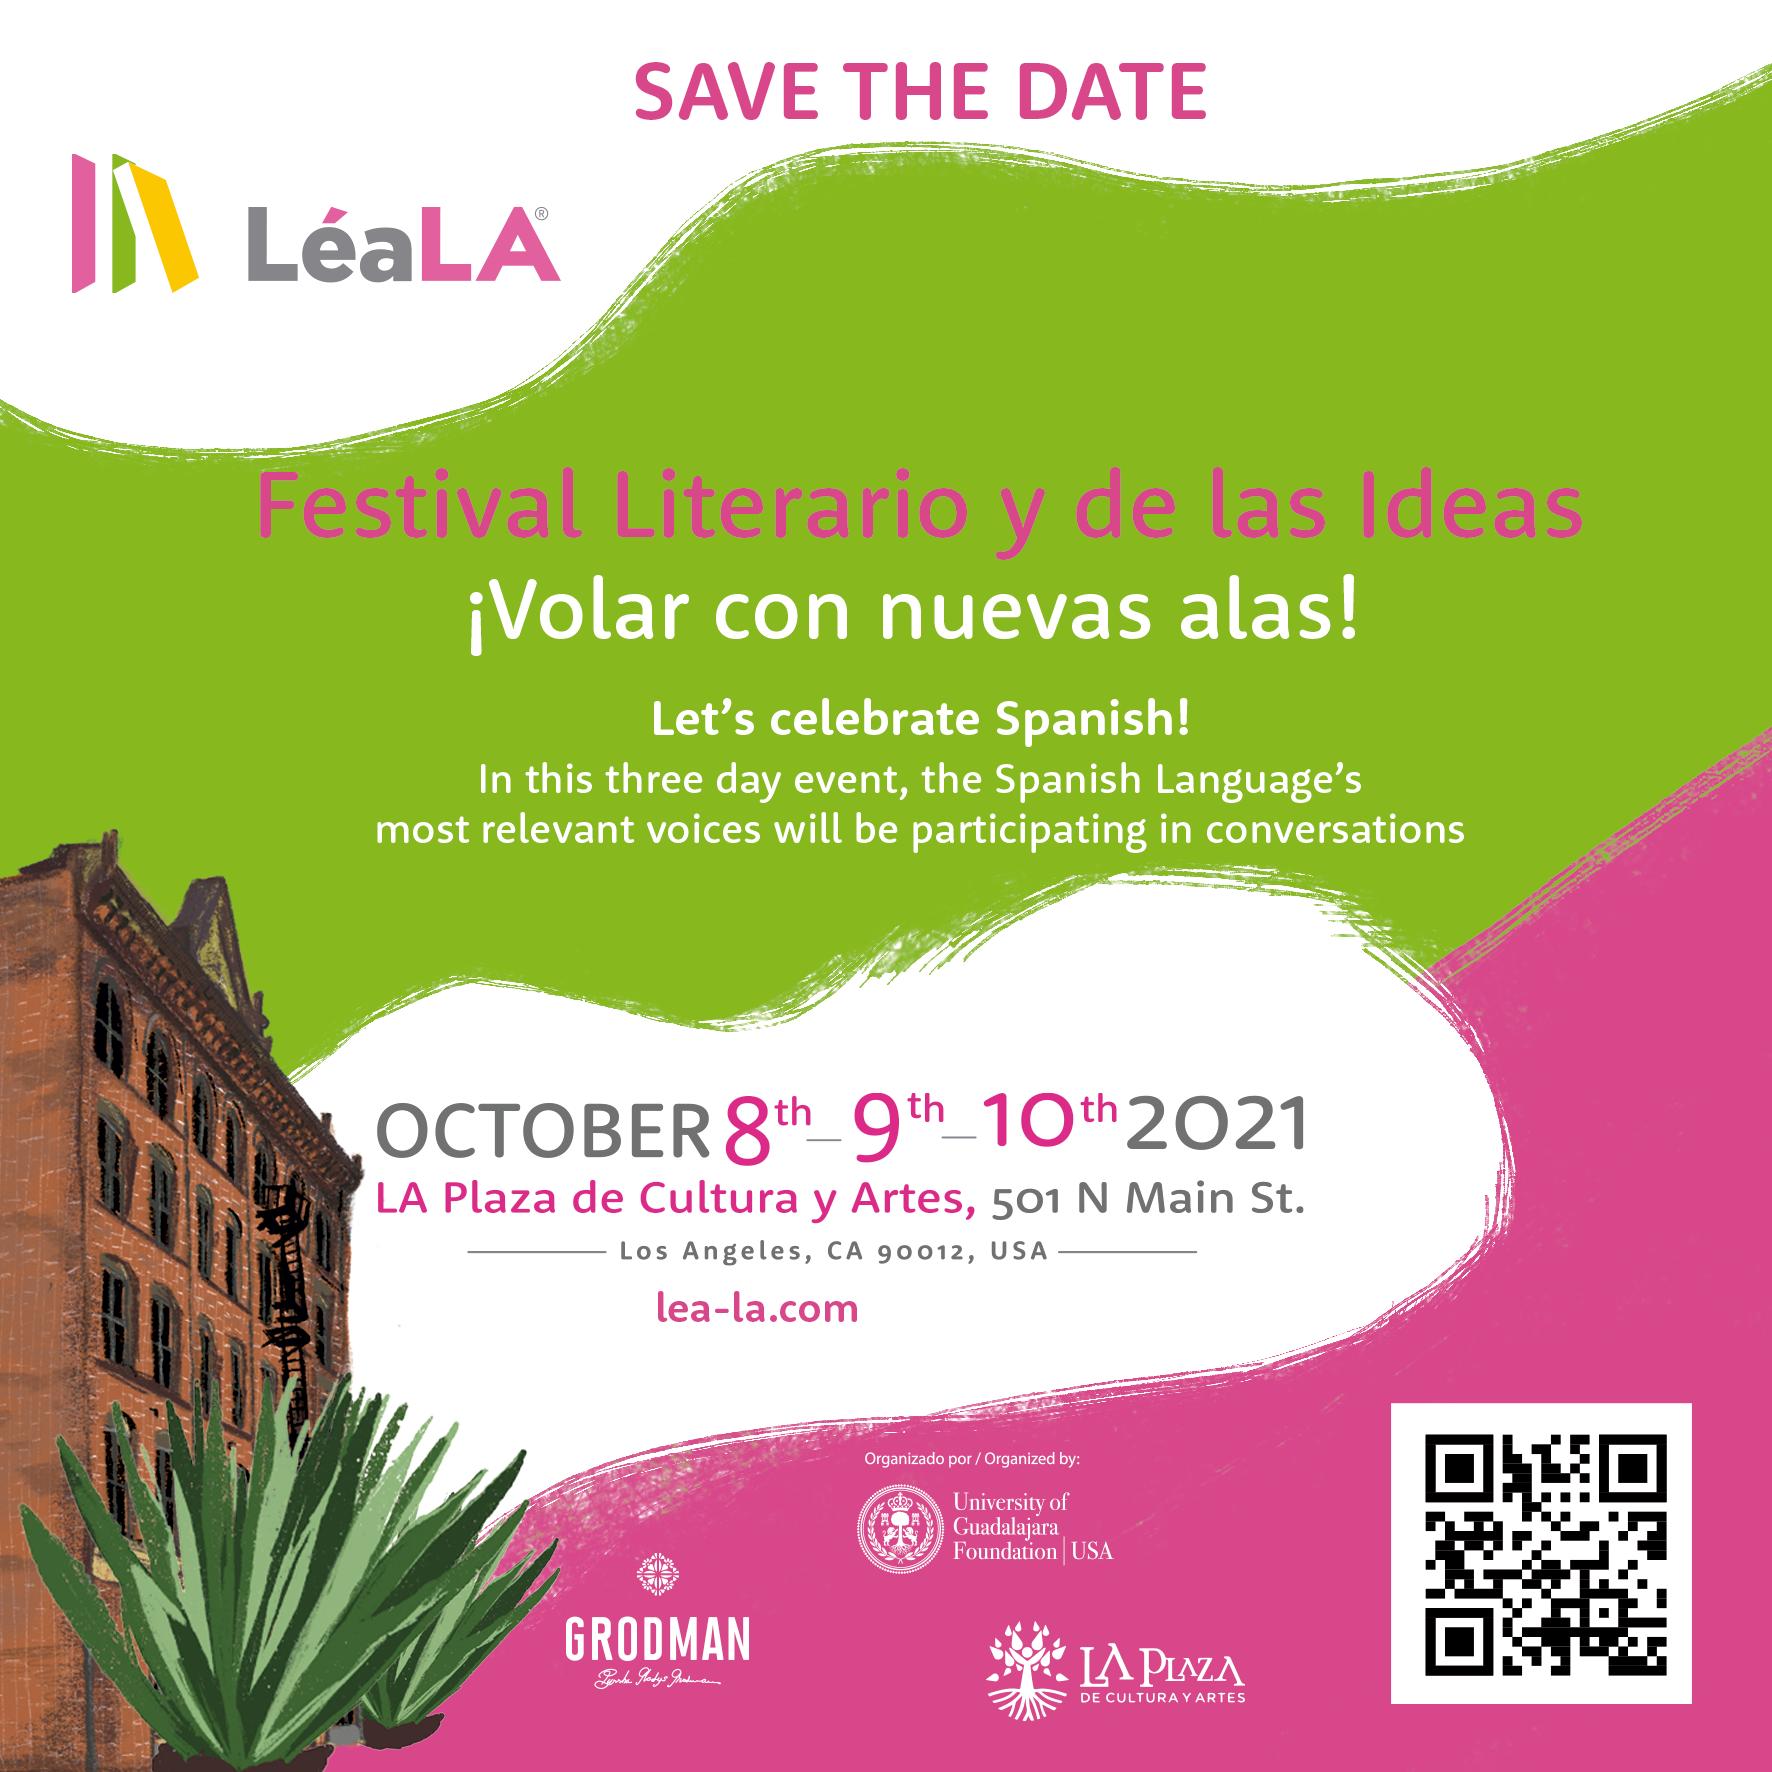 Se realizará del 8 al 10 de octubre en Los Ángeles, en su formato de Festival Literario en la Plaza de Cultura y Artes